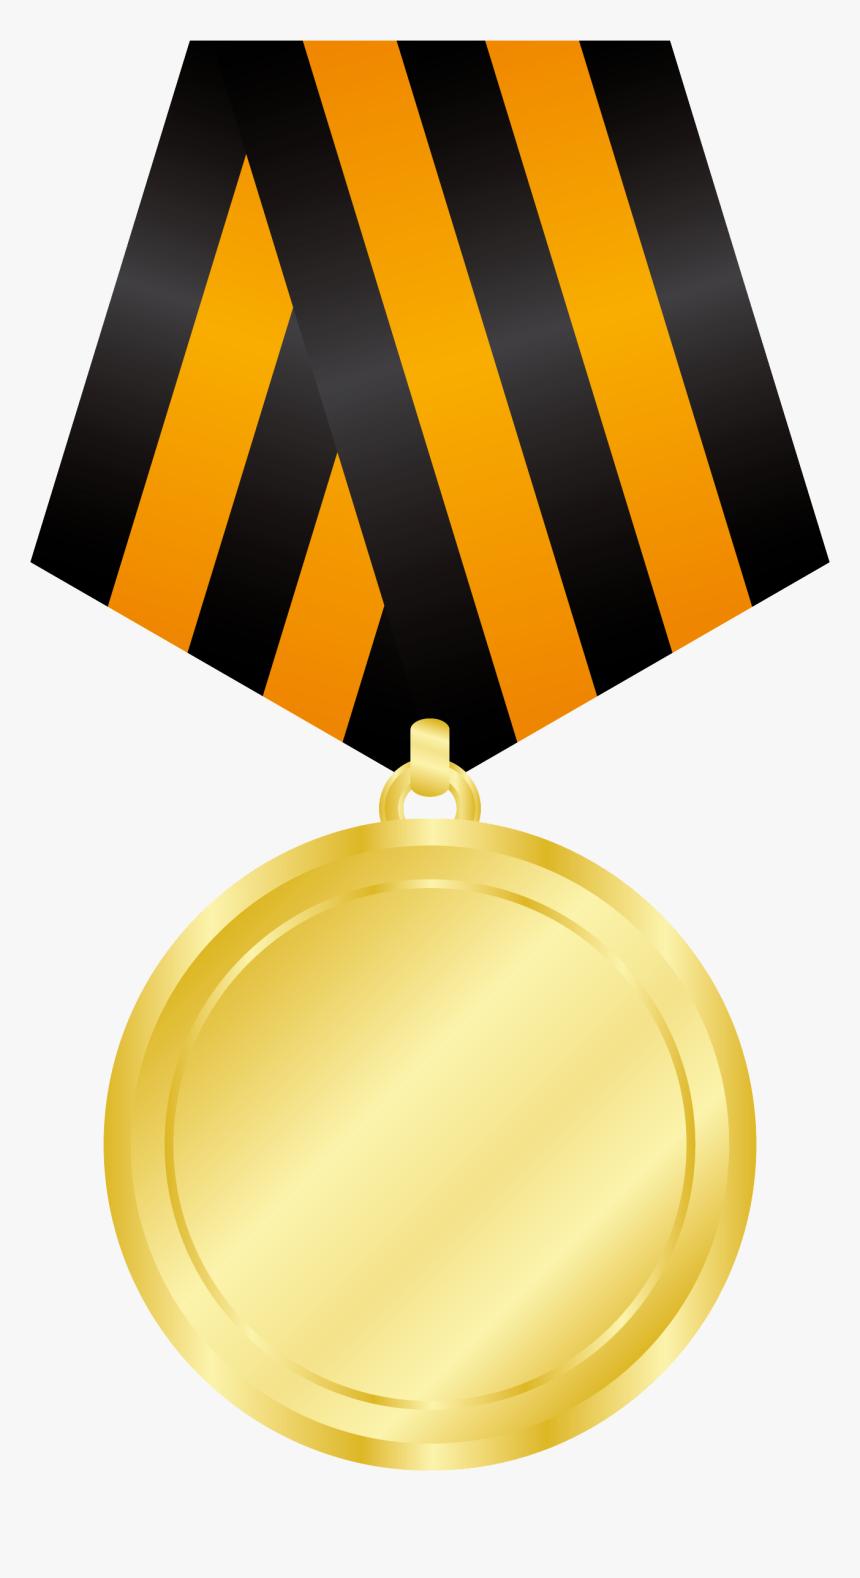 Gold Medal Download Png - Gold Medal Png, Transparent Png, Free Download